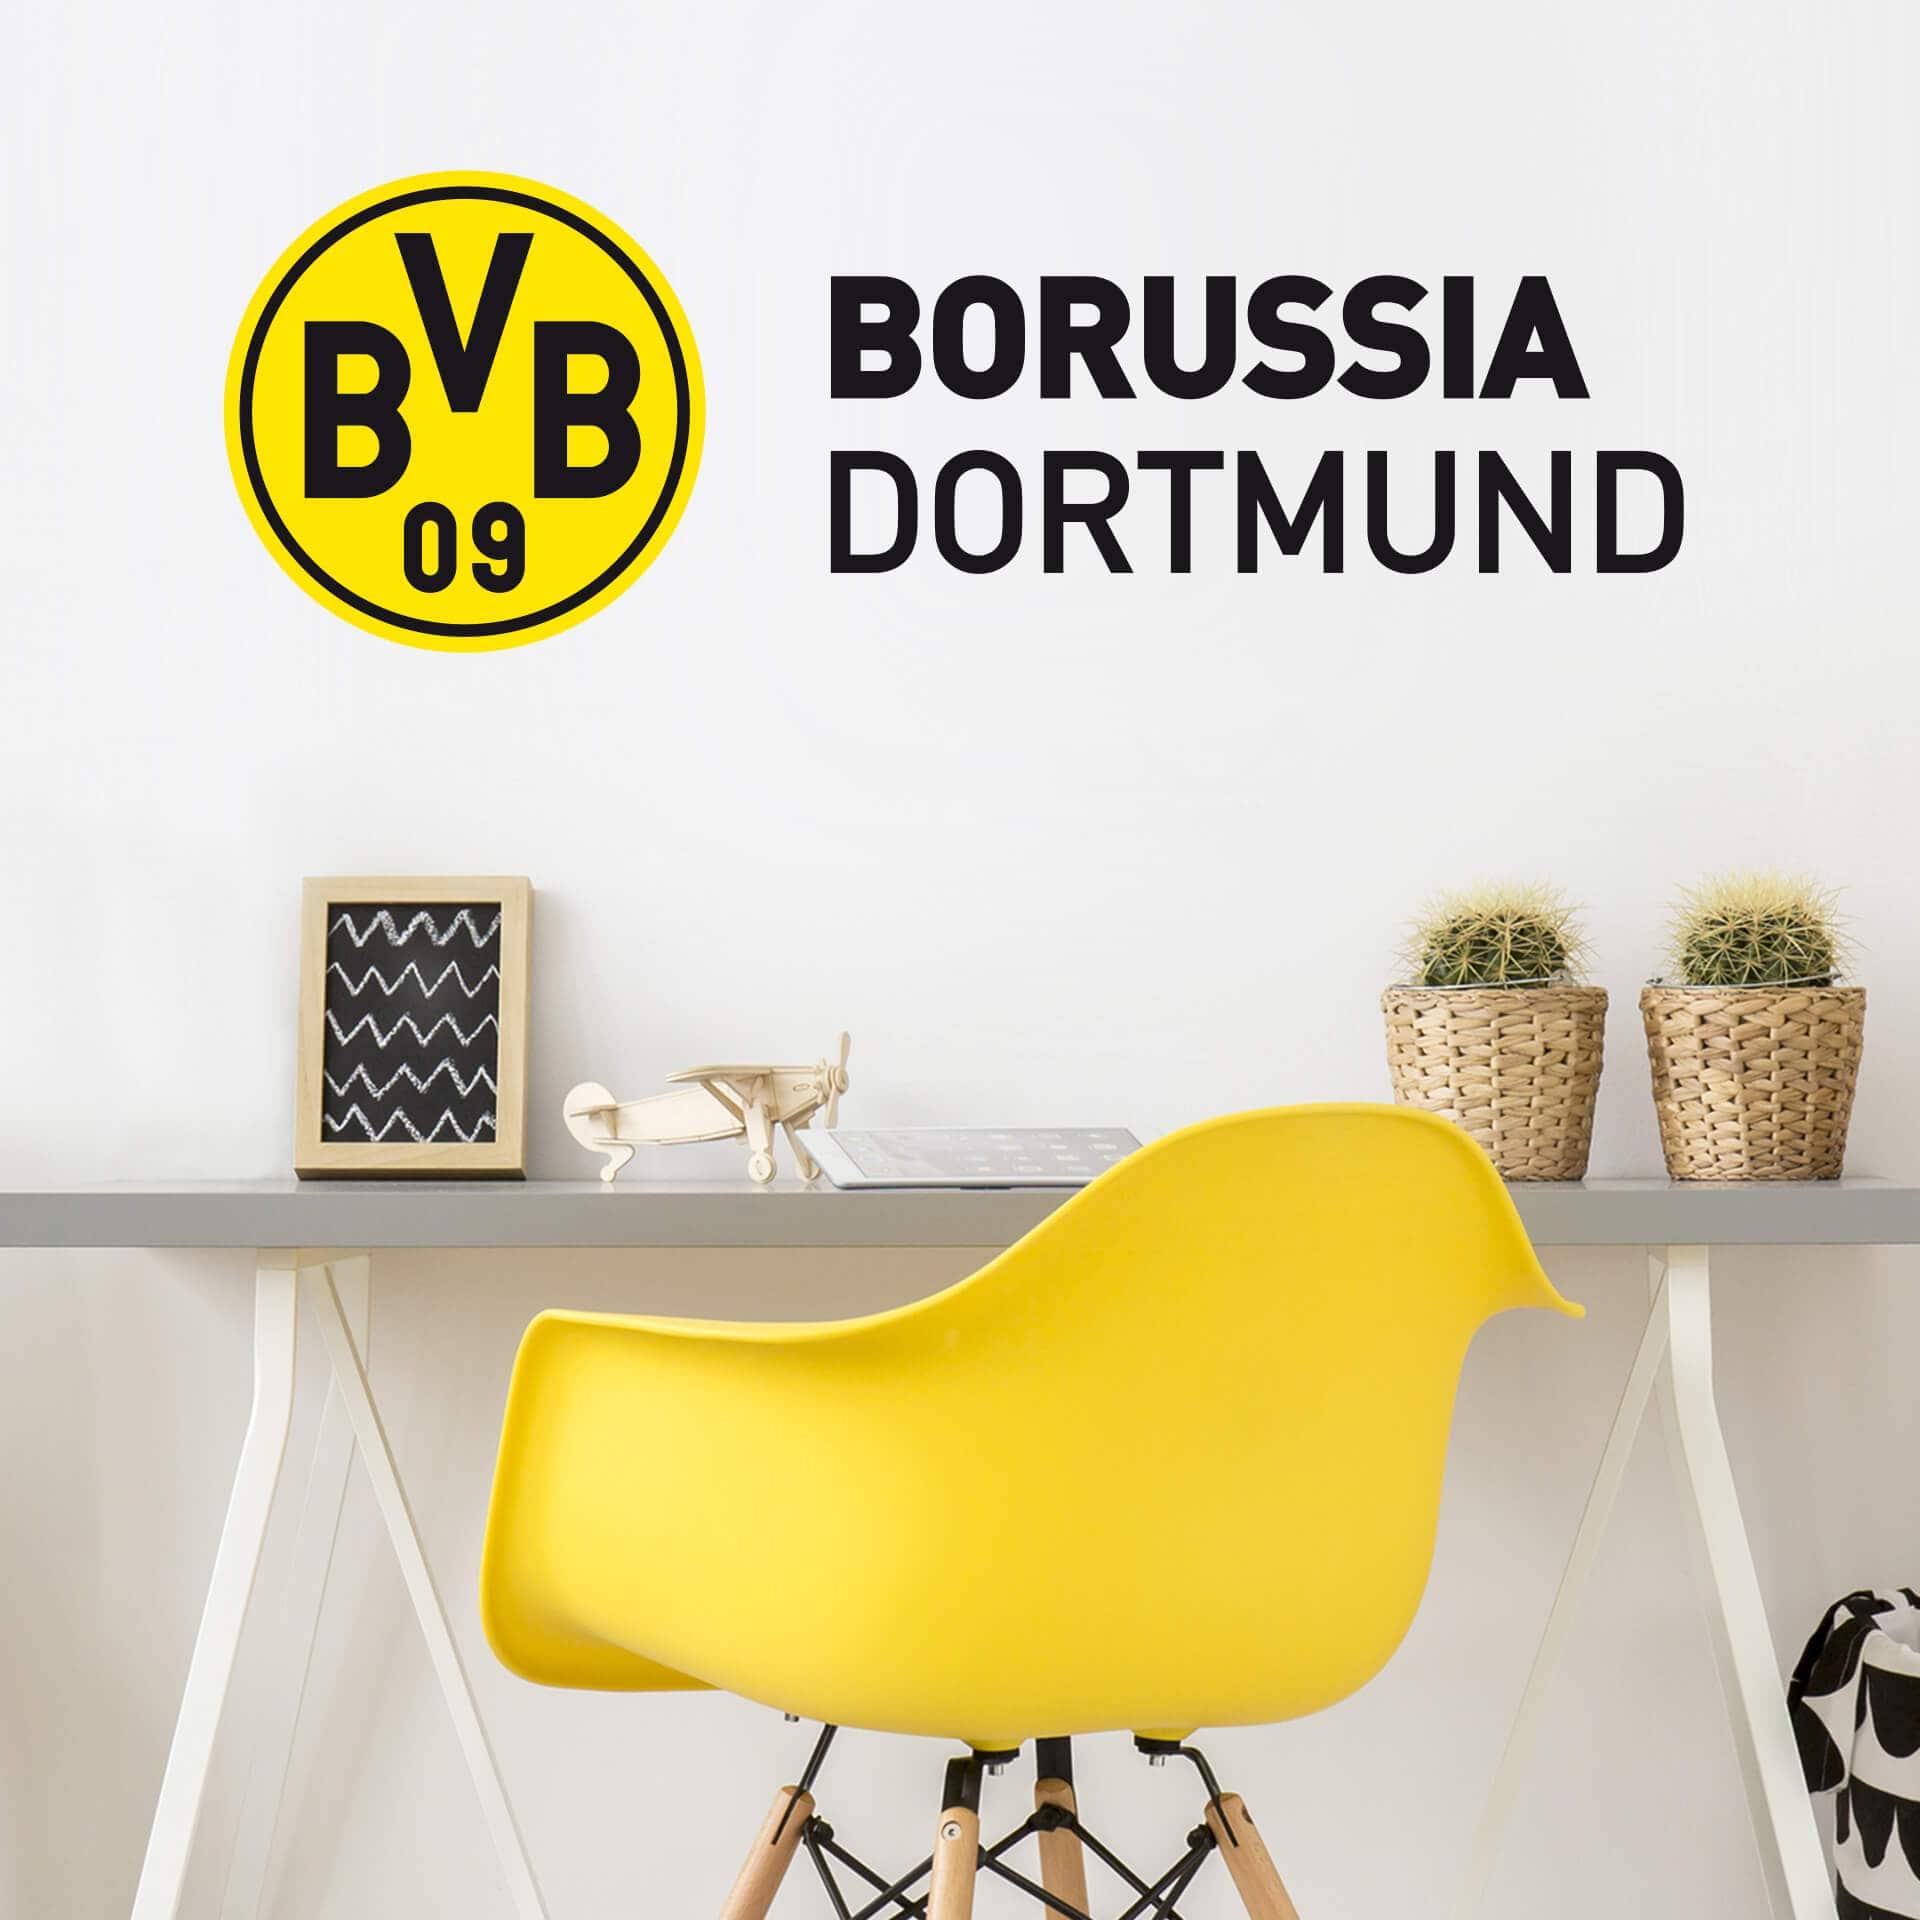 wandtattoo bvb schriftzug mit logo gelb wandaufkleber wanddeko